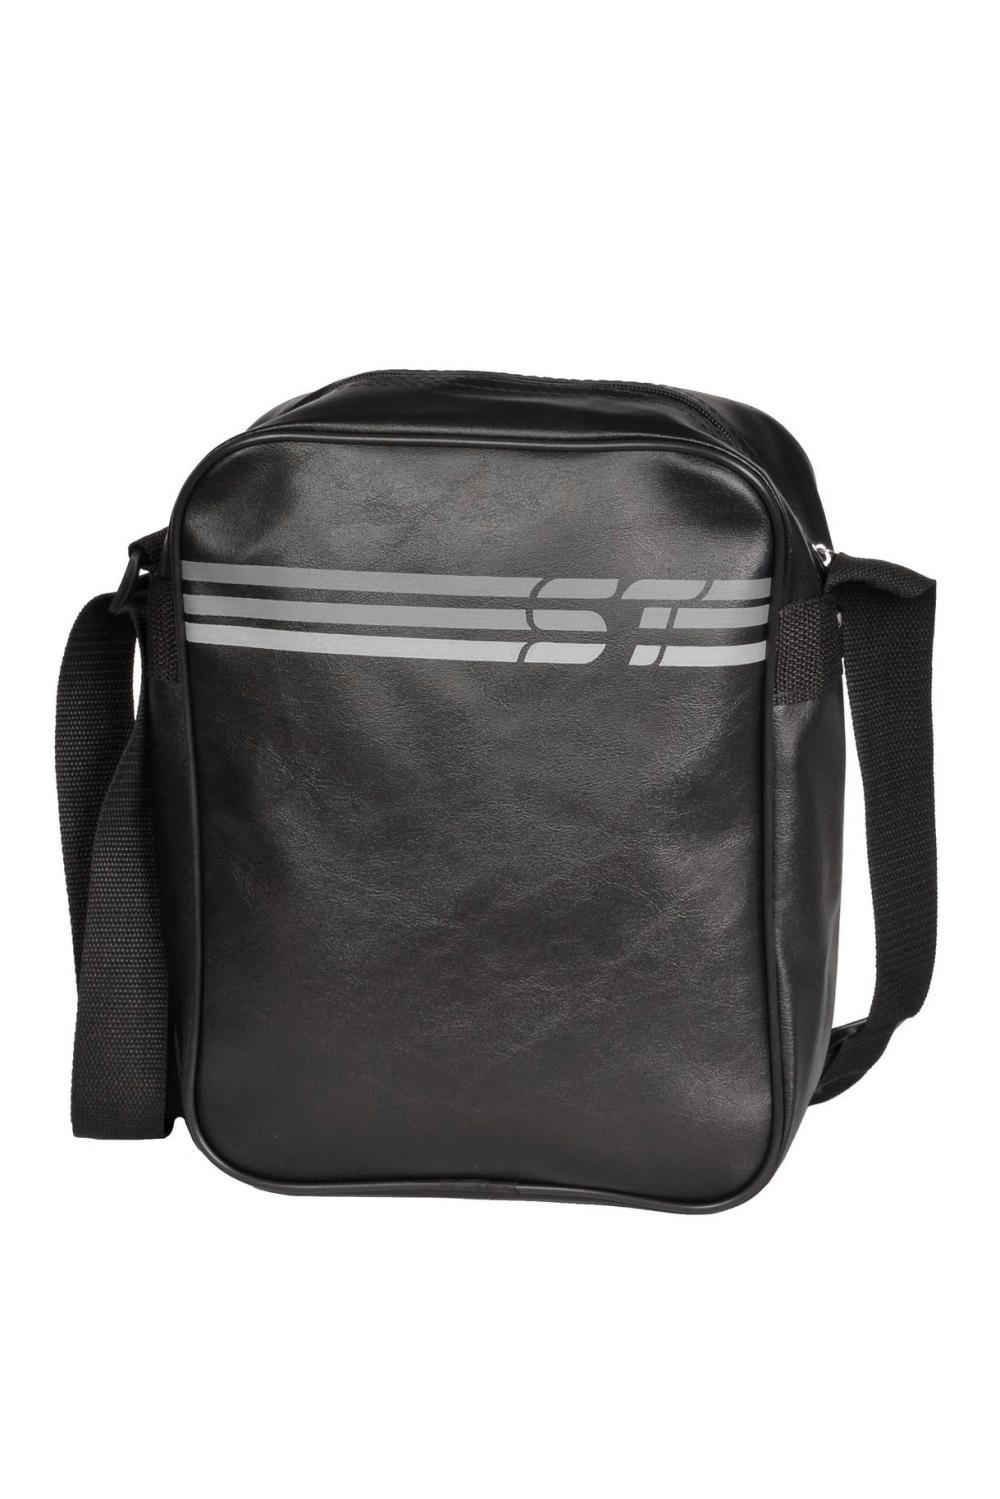 СумкаПодростковые сумки<br>Молодежная сумка в спортивном стиле. Модель с застежкой на молнию и одной плечевой ручкой.  В изделии использованы цвета: черный, серый  Габариты: 30*26*10 см<br><br>По сезону: Всесезон<br>Размер : UNI<br>Материал: Полиэстер<br>Количество в наличии: 1